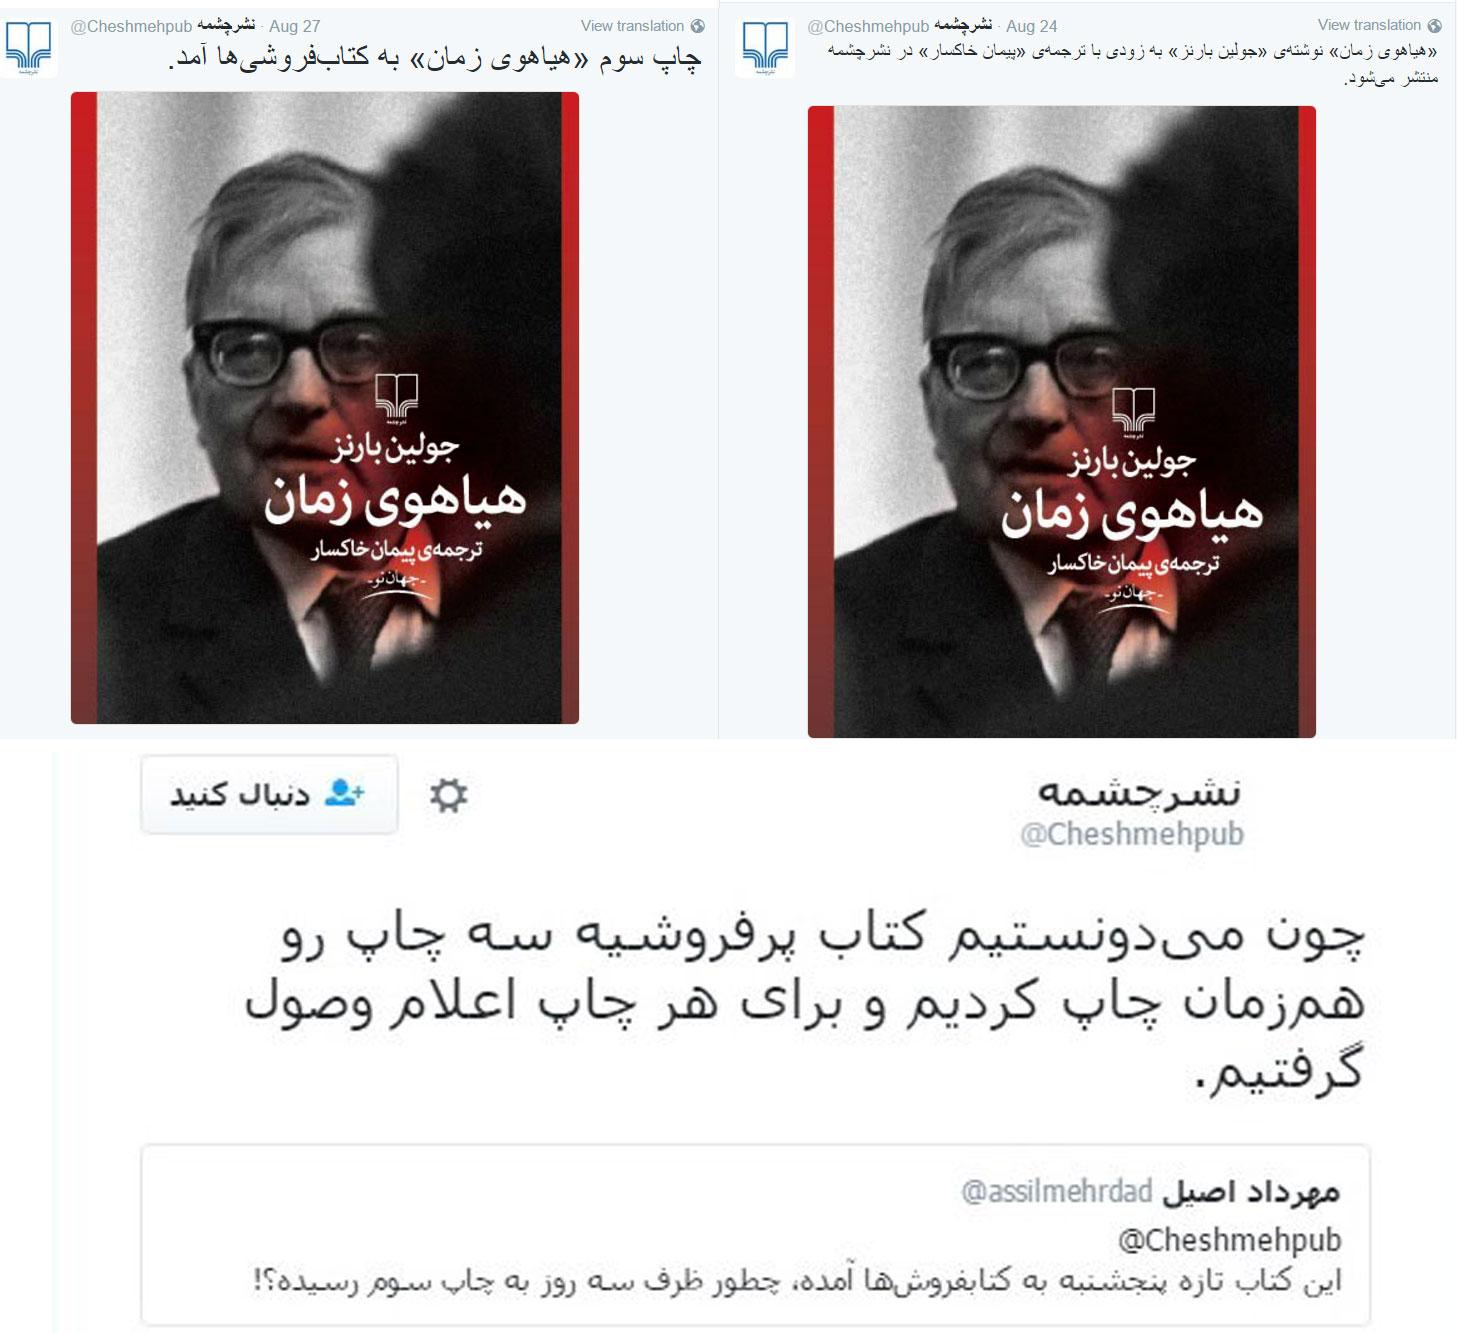 یک کتاب ظرف سه روز در ایران به چاپ سوم رسید!